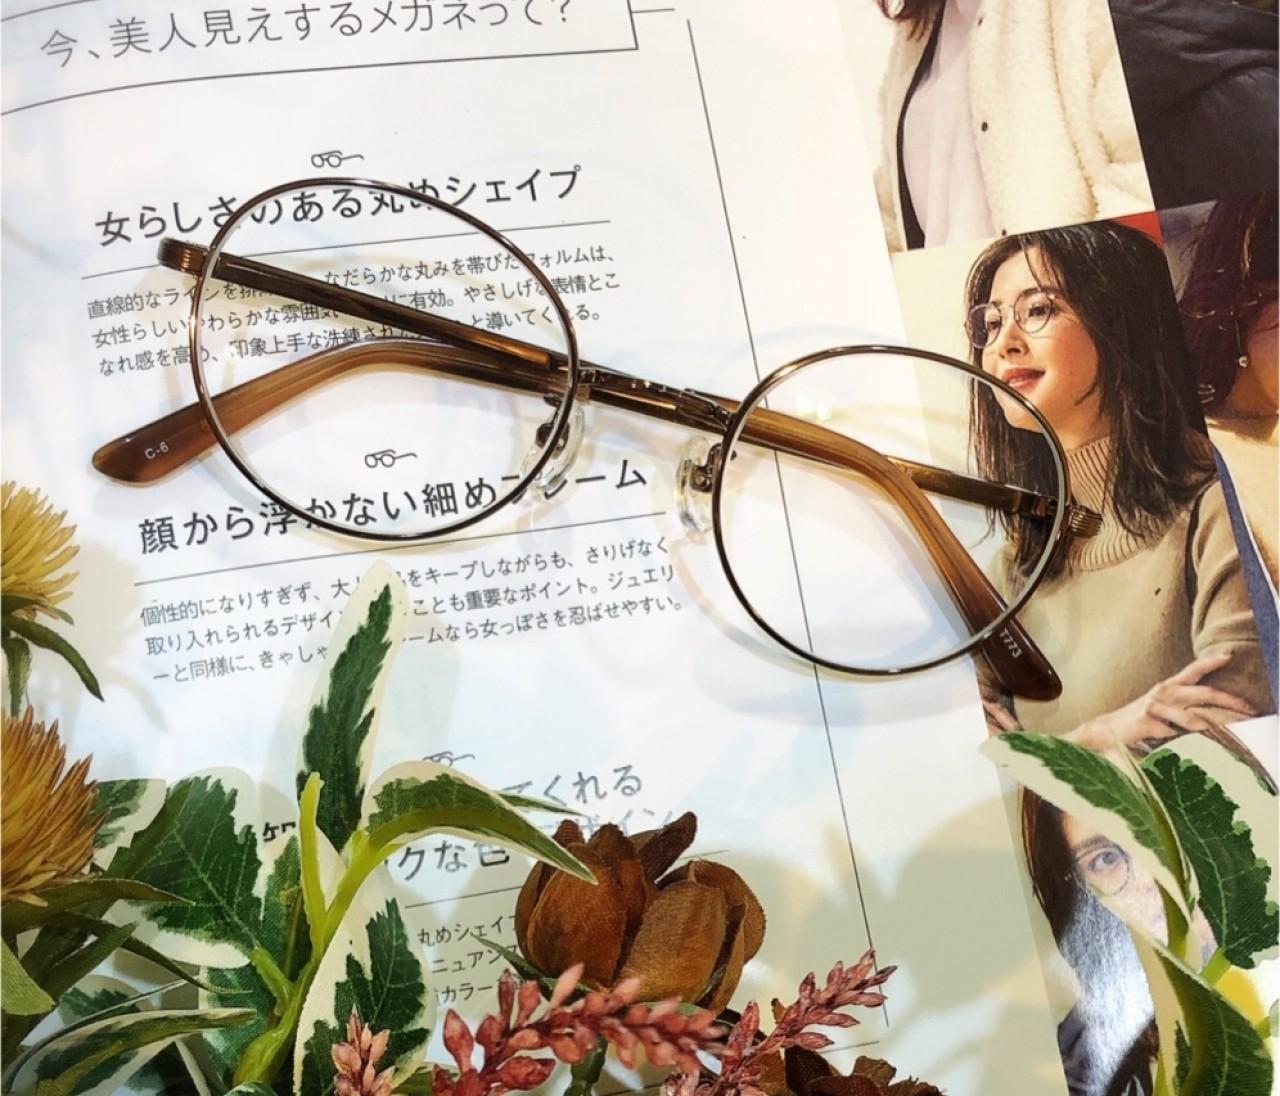 美人見えするメガネの選び方は?ポイントをご紹介します!